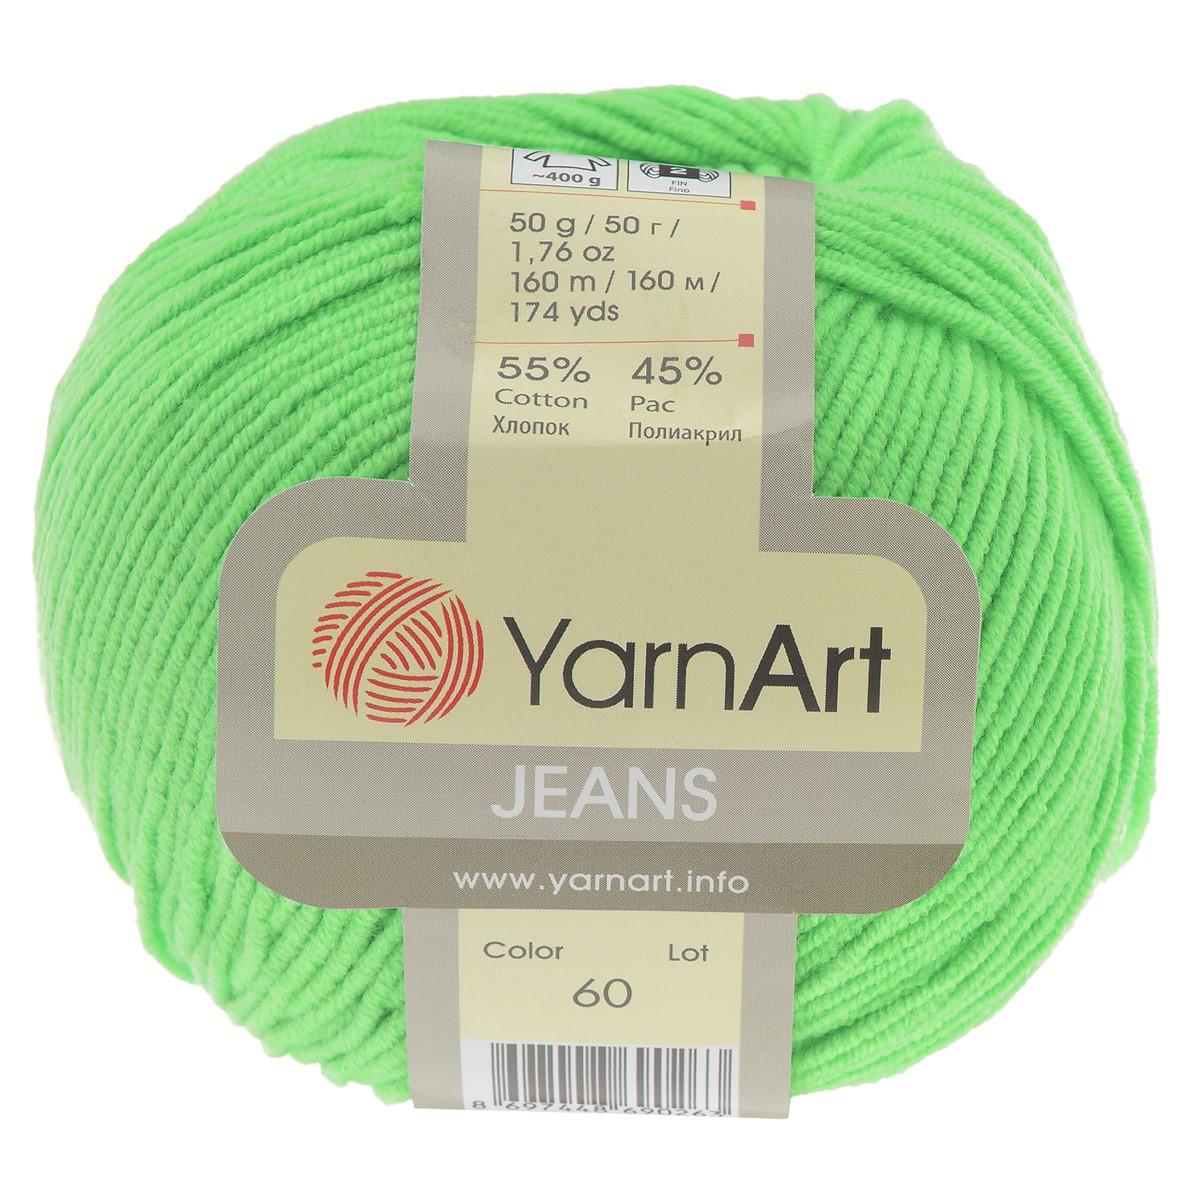 Пряжа для вязания YarnArt Jeans, цвет: салатовый (60), 160 м, 50 г, 10 шт372001_60Пряжа YarnArt Jeans изготовлена из высококачественного хлопка и полиакрила. Особенность технологии изготовления этой пряжи состоит в нежёстком кручении нити, в результате чего нить становится очень удобной для вязки, поскольку не распадается на отдельные волокна. Высокопрочная и долговечная пряжа мягкая на ощупь, а благодаря содержанию волокон акрила изделия из неё не сминаются. Даже после многократных стирок изделия отлично сохраняют внешний вид, что очень важно для вязаных изделий детского ассортимента. Цветовая гамма пряжи YarnArt Jeans очень богатая, вы можете пополнить свой гардероб изделиями из неё на любой сезон: джемпером, жакетом, свитером и другими полезными и оригинальными вещами, которые прослужат вам и вашим близким очень долго и не создадут трудностей в уходе за ними. Рекомендуется для вязания на крючках и спицах 3,5 мм. Состав: 55% хлопок, 45% полиакрил.